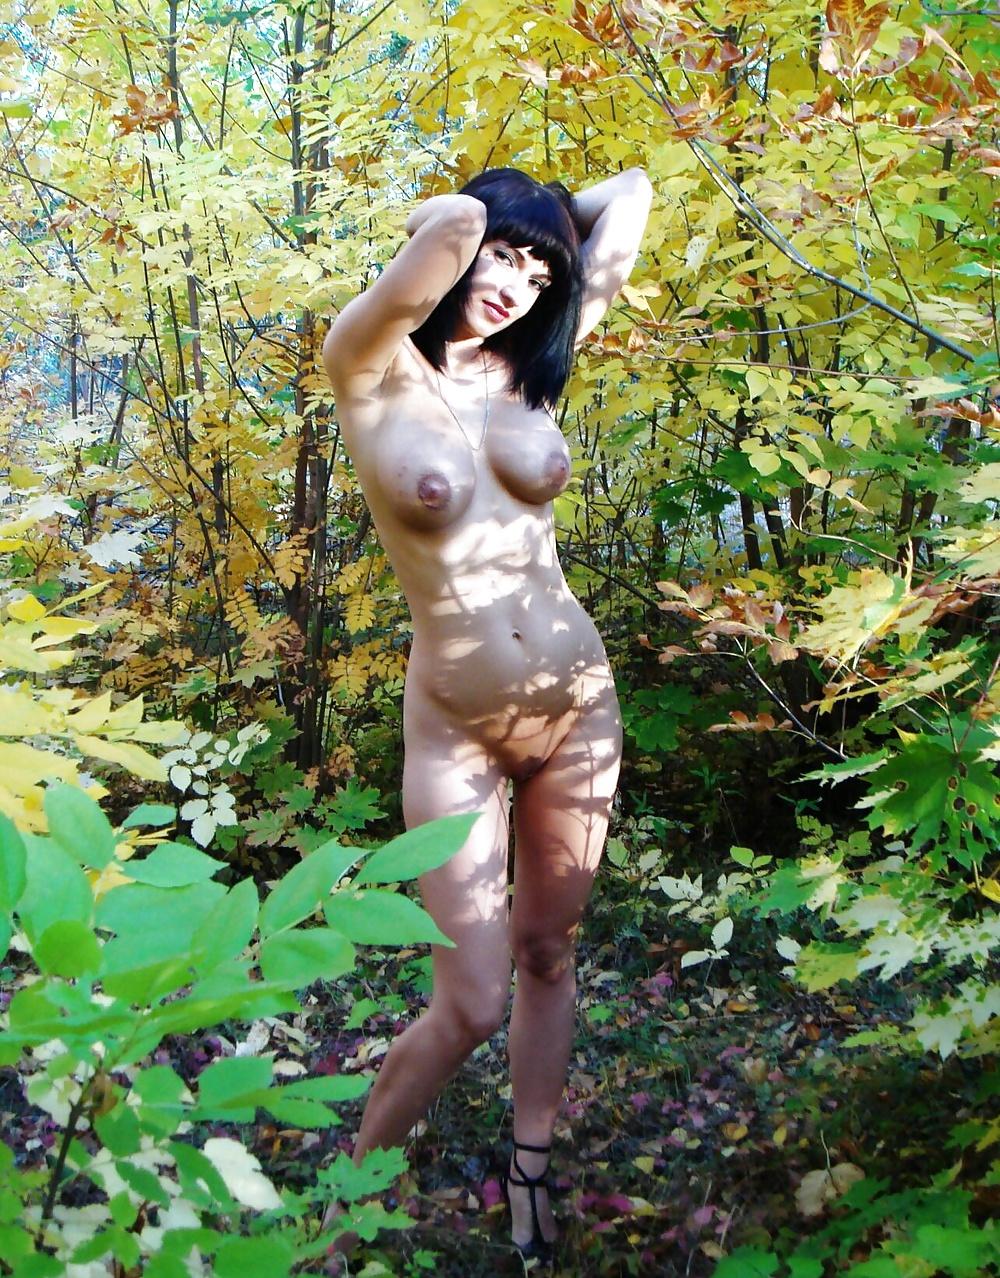 порно фото пышногрудых в лесу вам